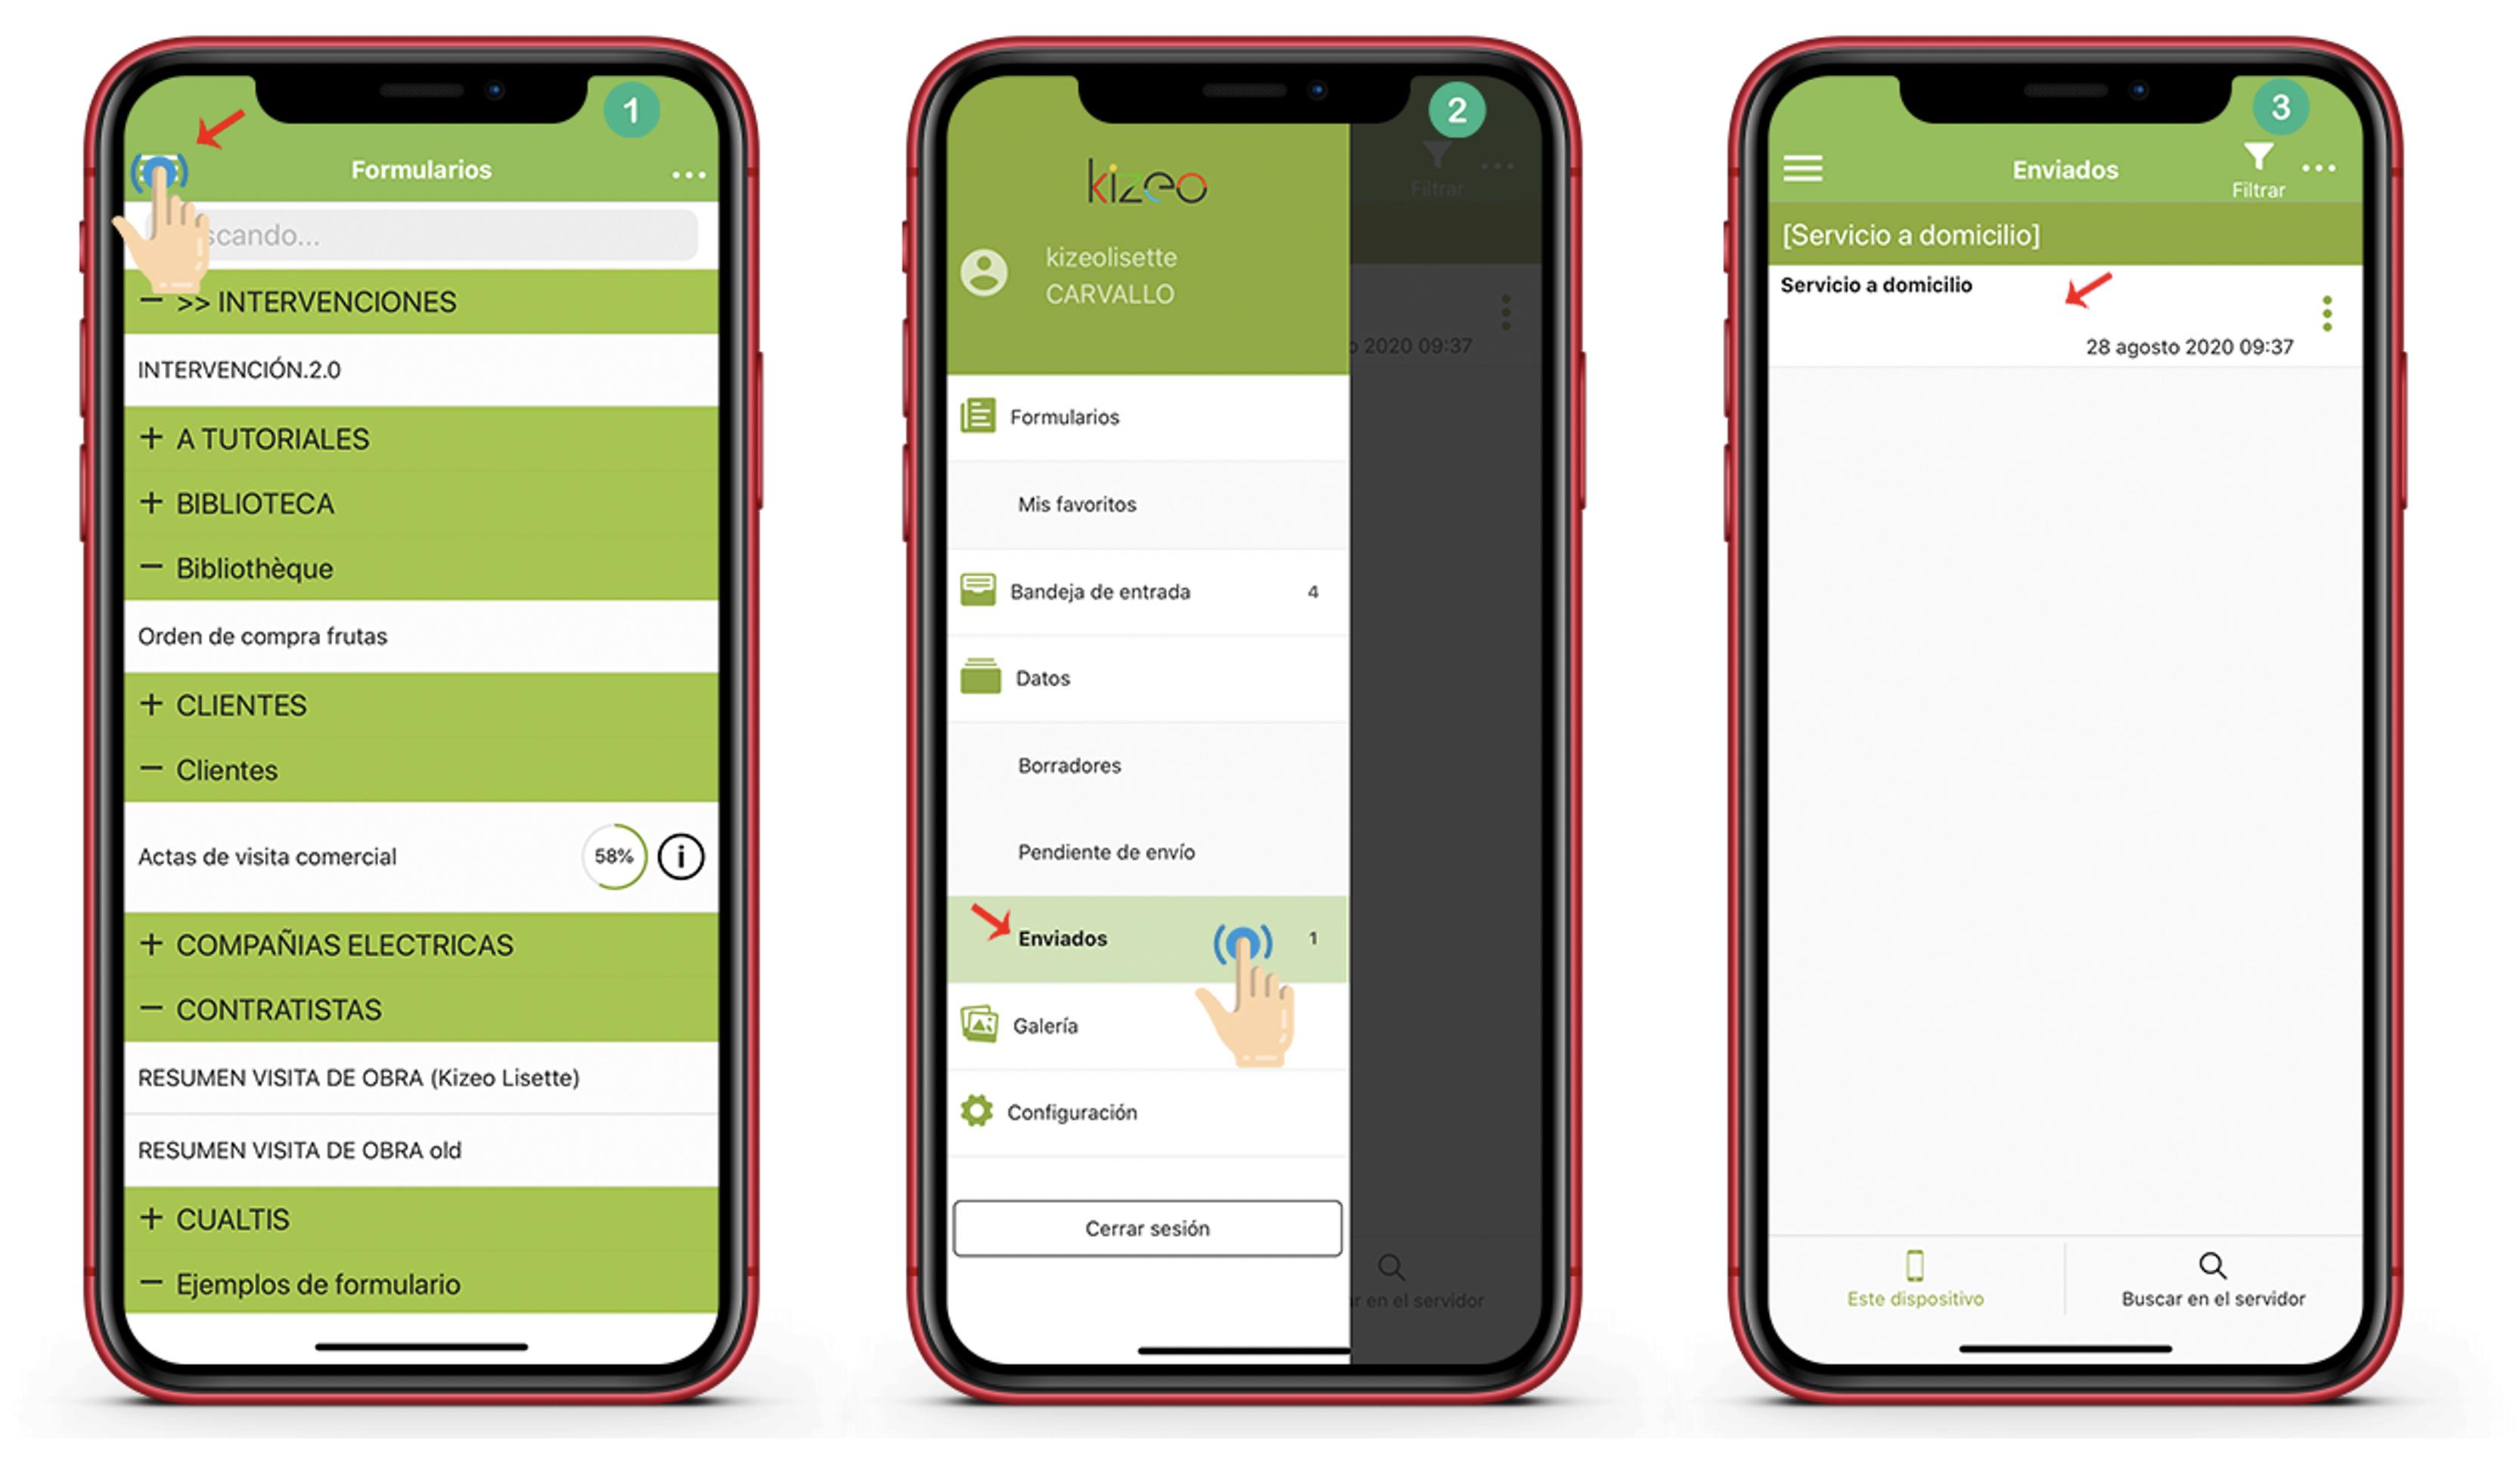 Clic en el botón Menú de la aplicación.